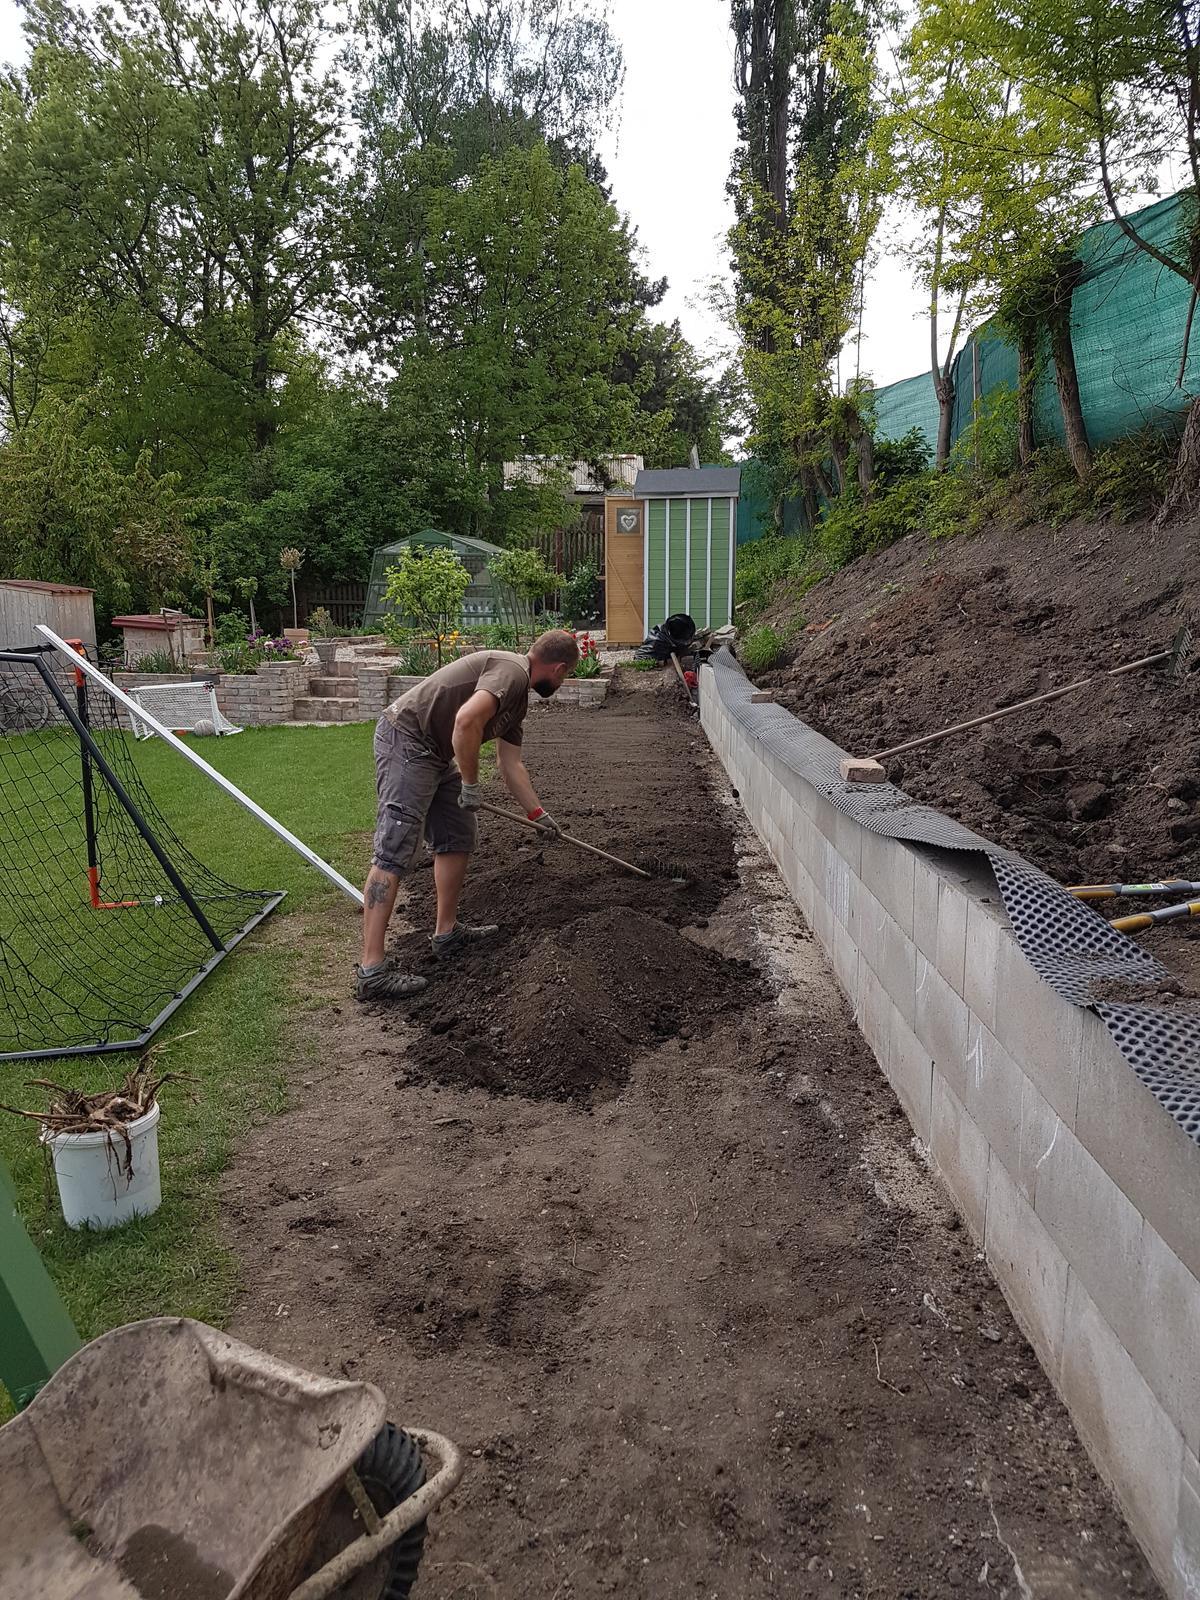 Drevník a kafé kútik - projekt roku  2018 - Tretia rada hotova. Upravujeme teren. Bude treba ešte obložiť múrik tehlami ale to počká. Prioritou je drevník.